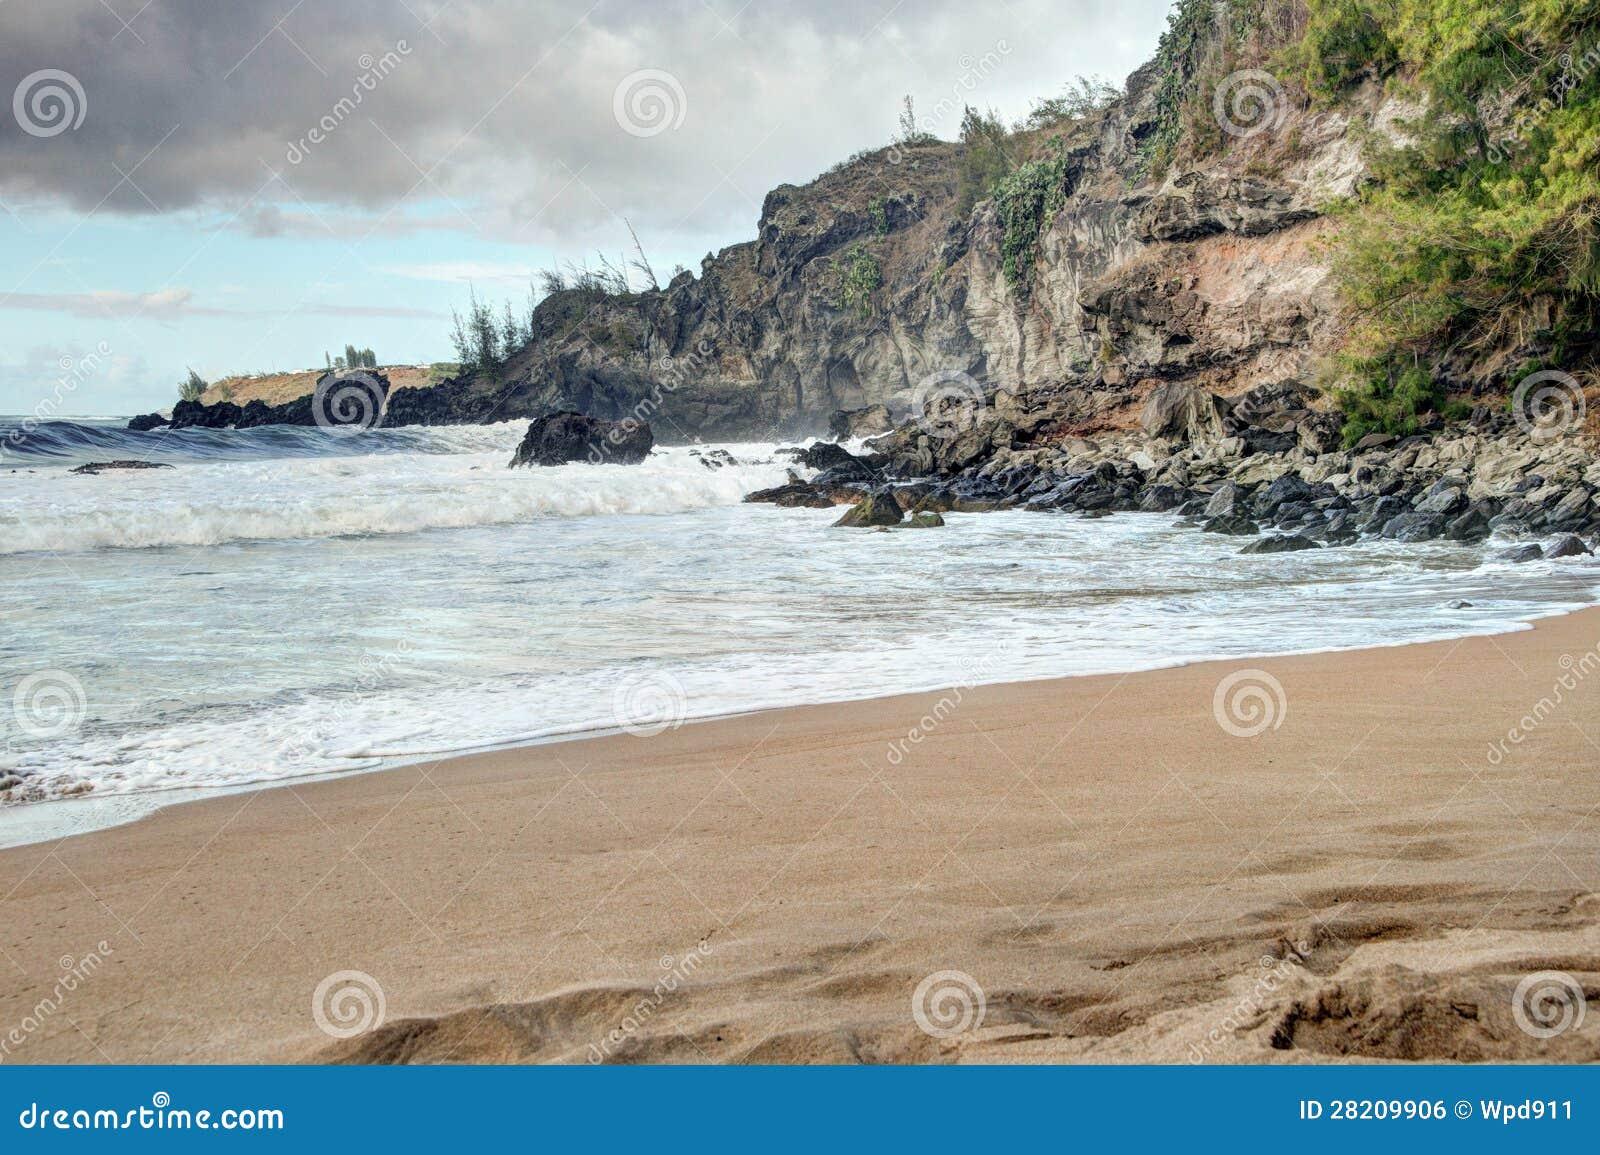 3e290363a7 Scenic Maui Shoreline stock photo. Image of serene